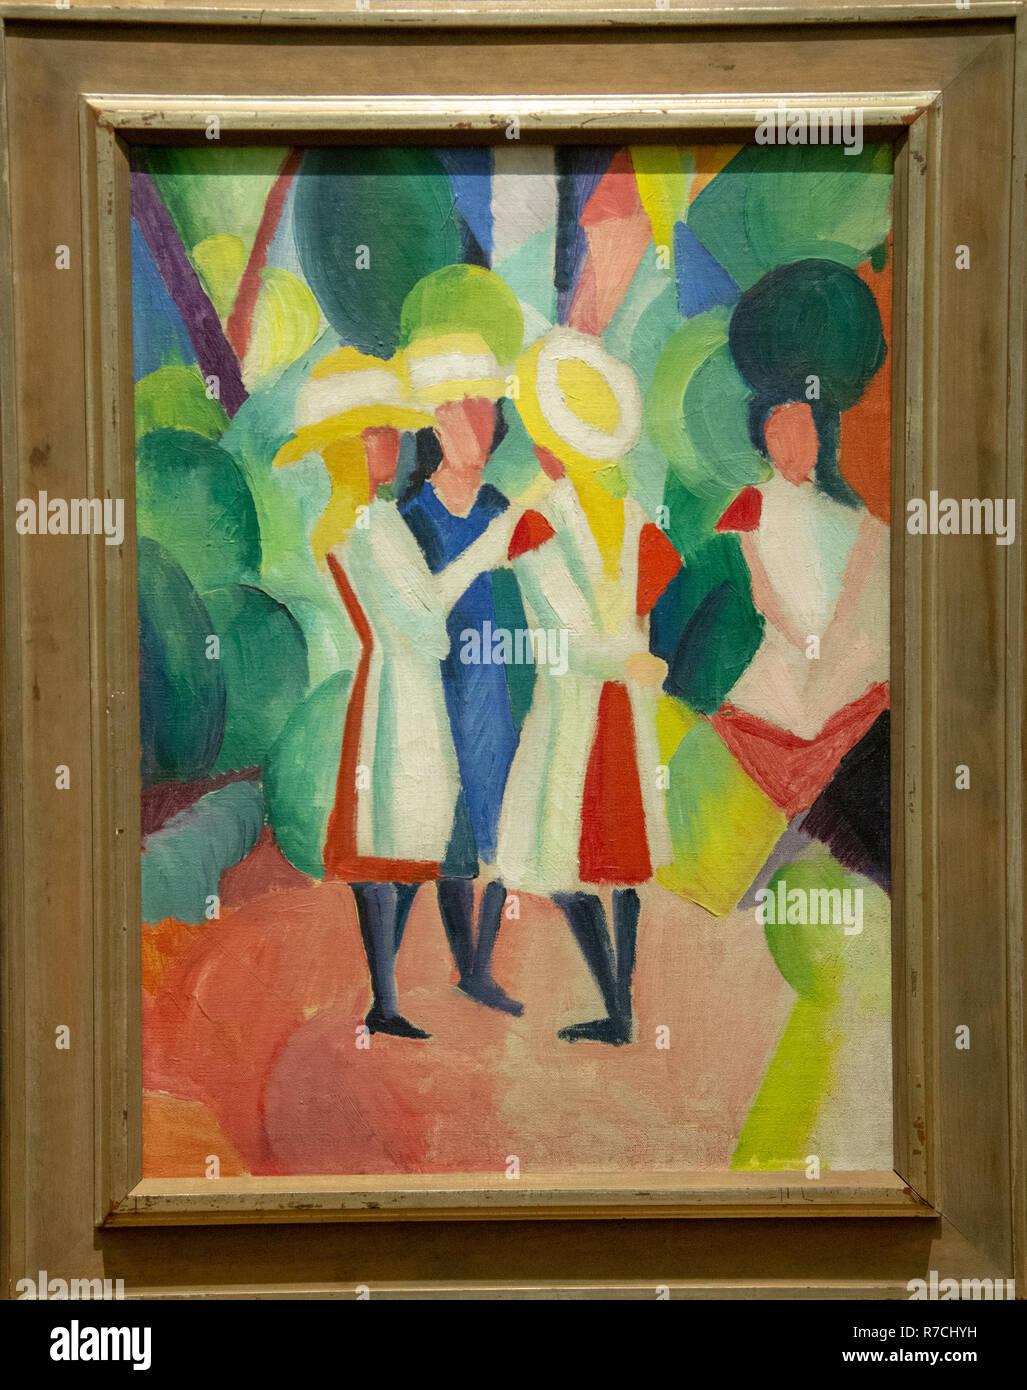 """""""Le tre ragazze con giallo di cappelli di paglia"""" da August Macke, gemma, Gemeentelijk Museum Den Haag, Paesi Bassi Immagini Stock"""